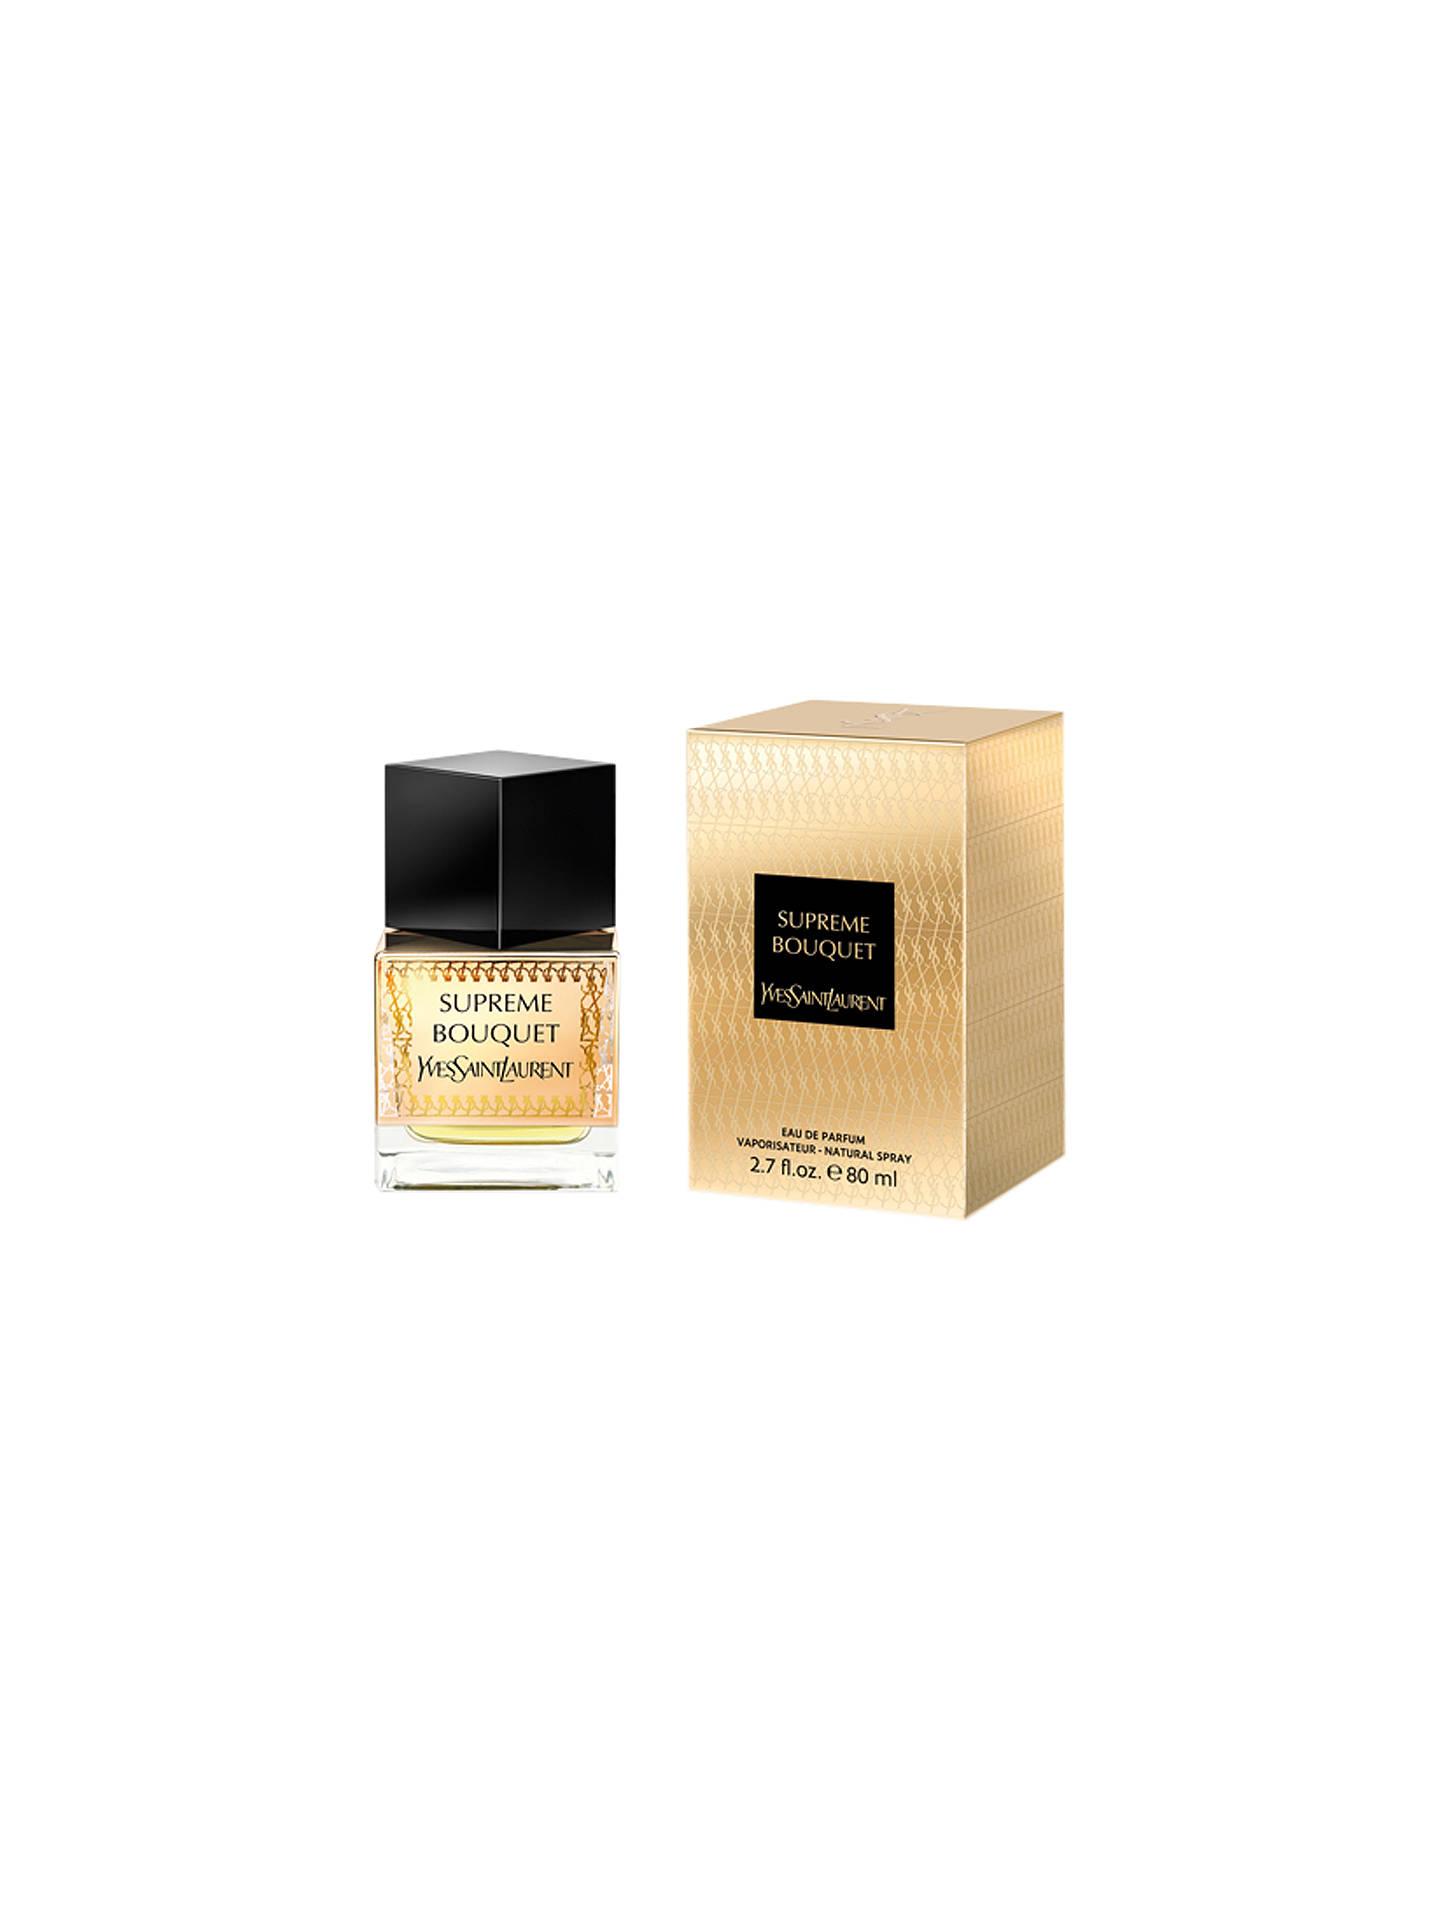 998588cb844f View All Women's Fragrance. Buy Yves Saint Laurent Supreme Bouquet Eau de  Parfum, 80ml Online at johnlewis.com